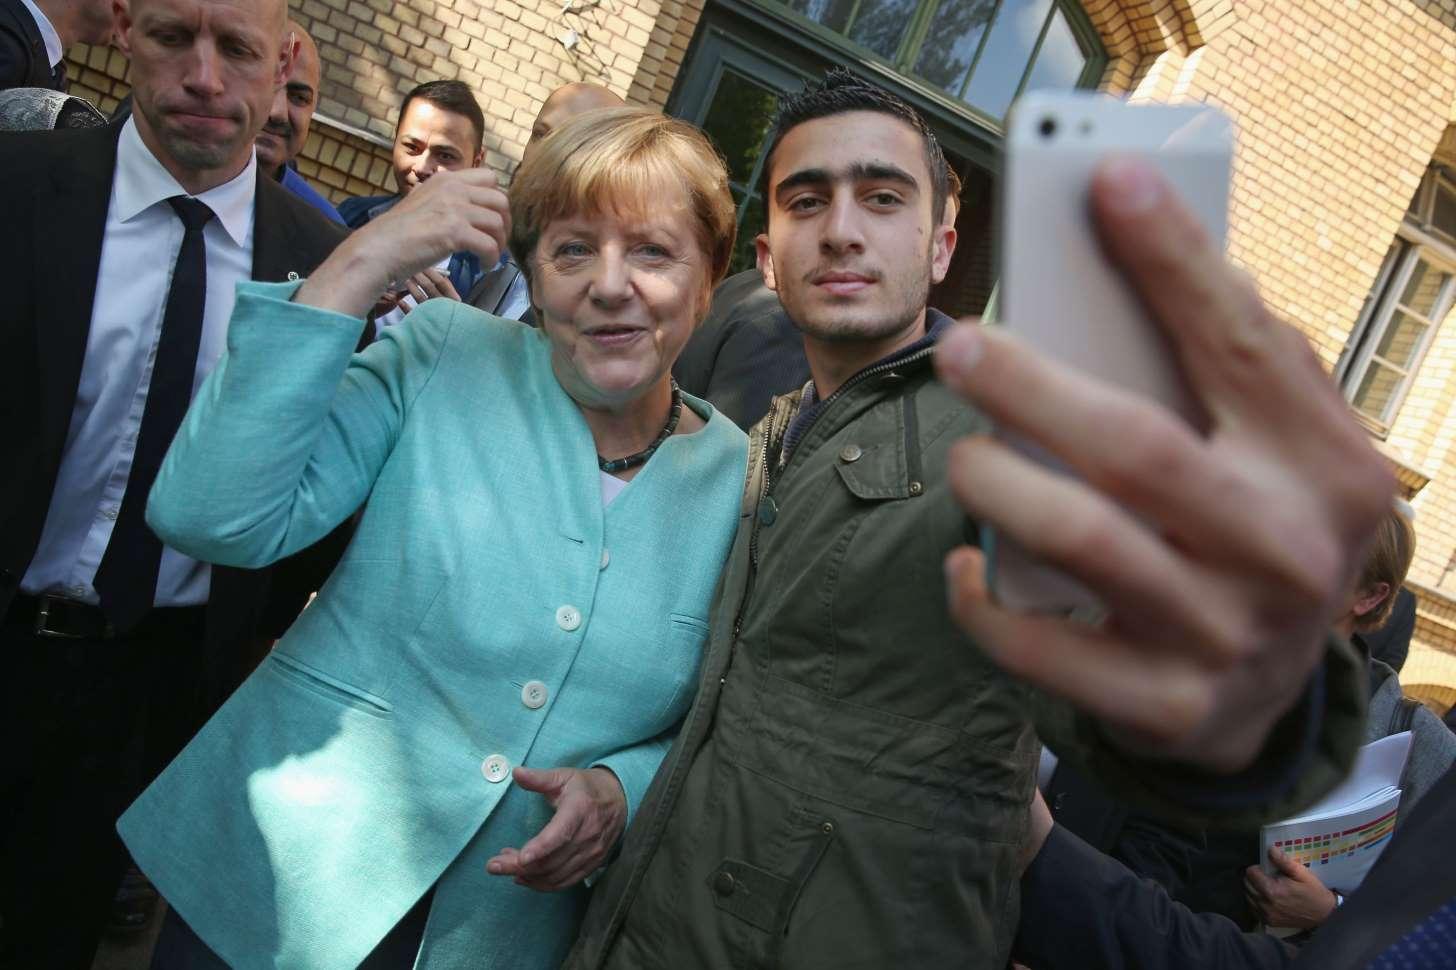 Syrian Refugee Suing Facebook for Viral Selfie